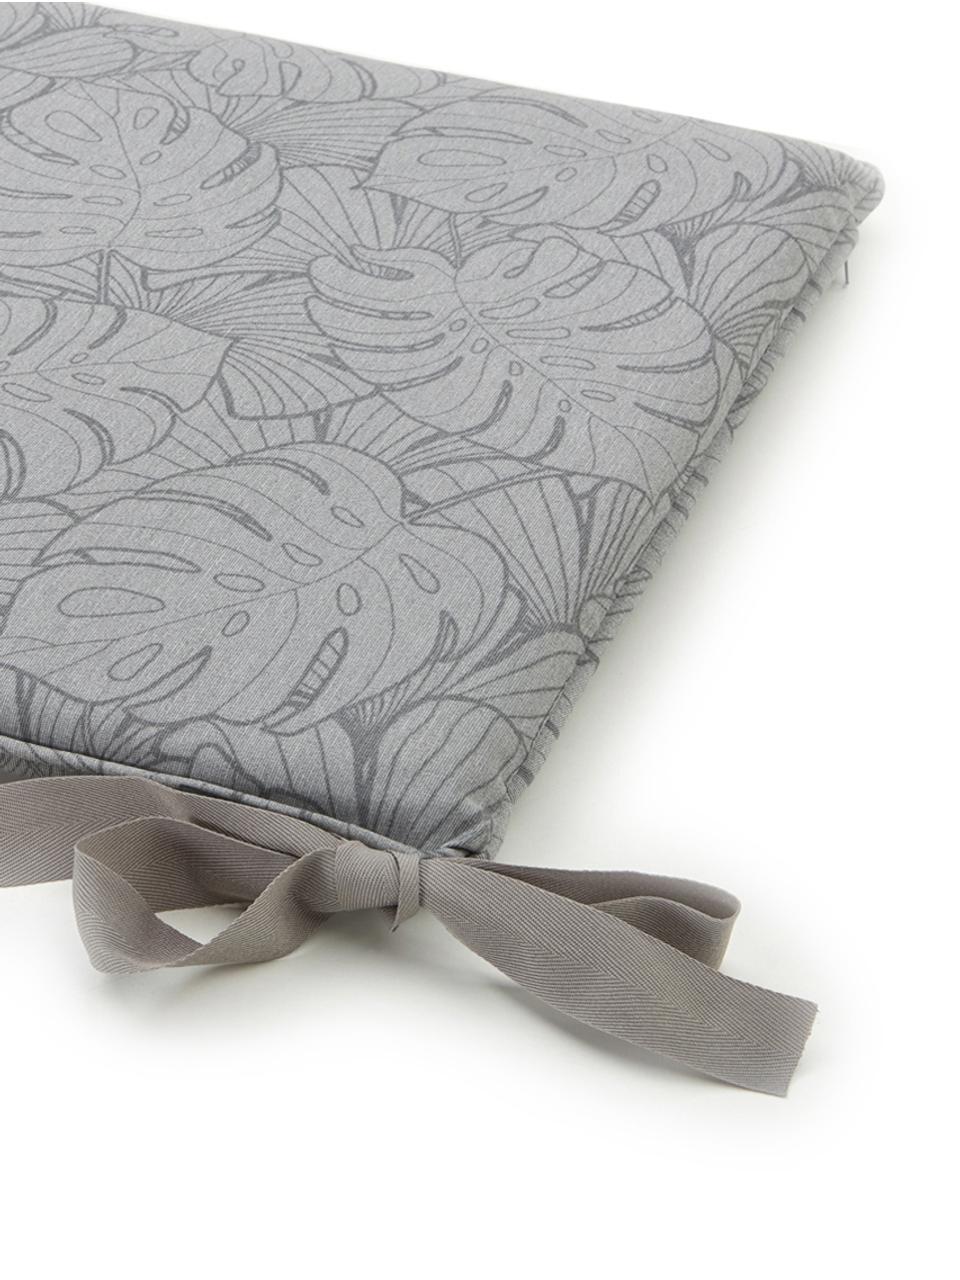 Nakładka na ławkę Palm, Tapicerka: 50% bawełna, 45% polieste, Szary, S 48 x D 120 cm